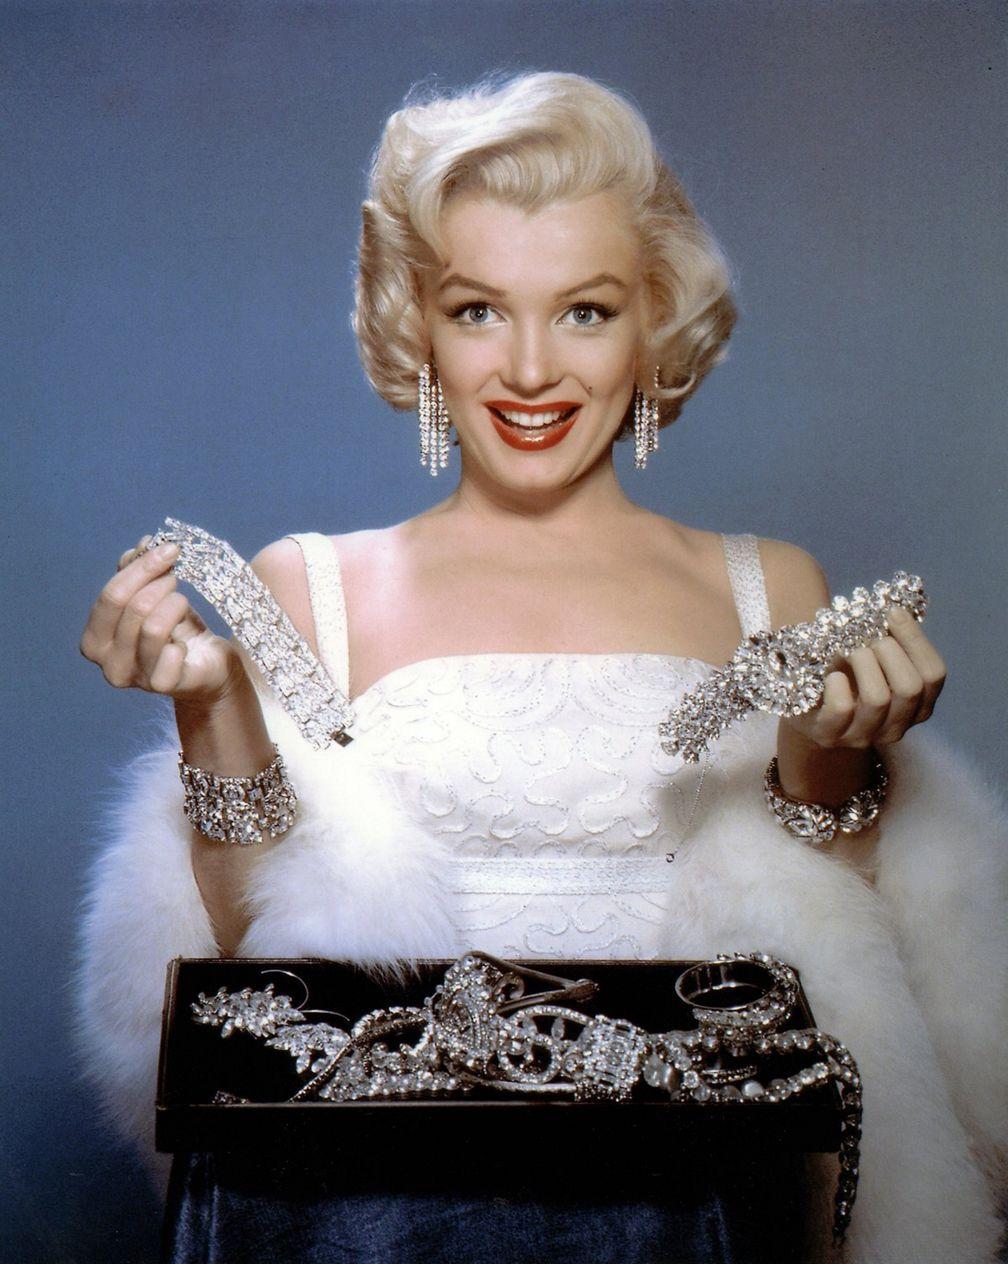 Мэрилин Монро в фильме 1953 года «Джентльмены предпочитают блондинок»